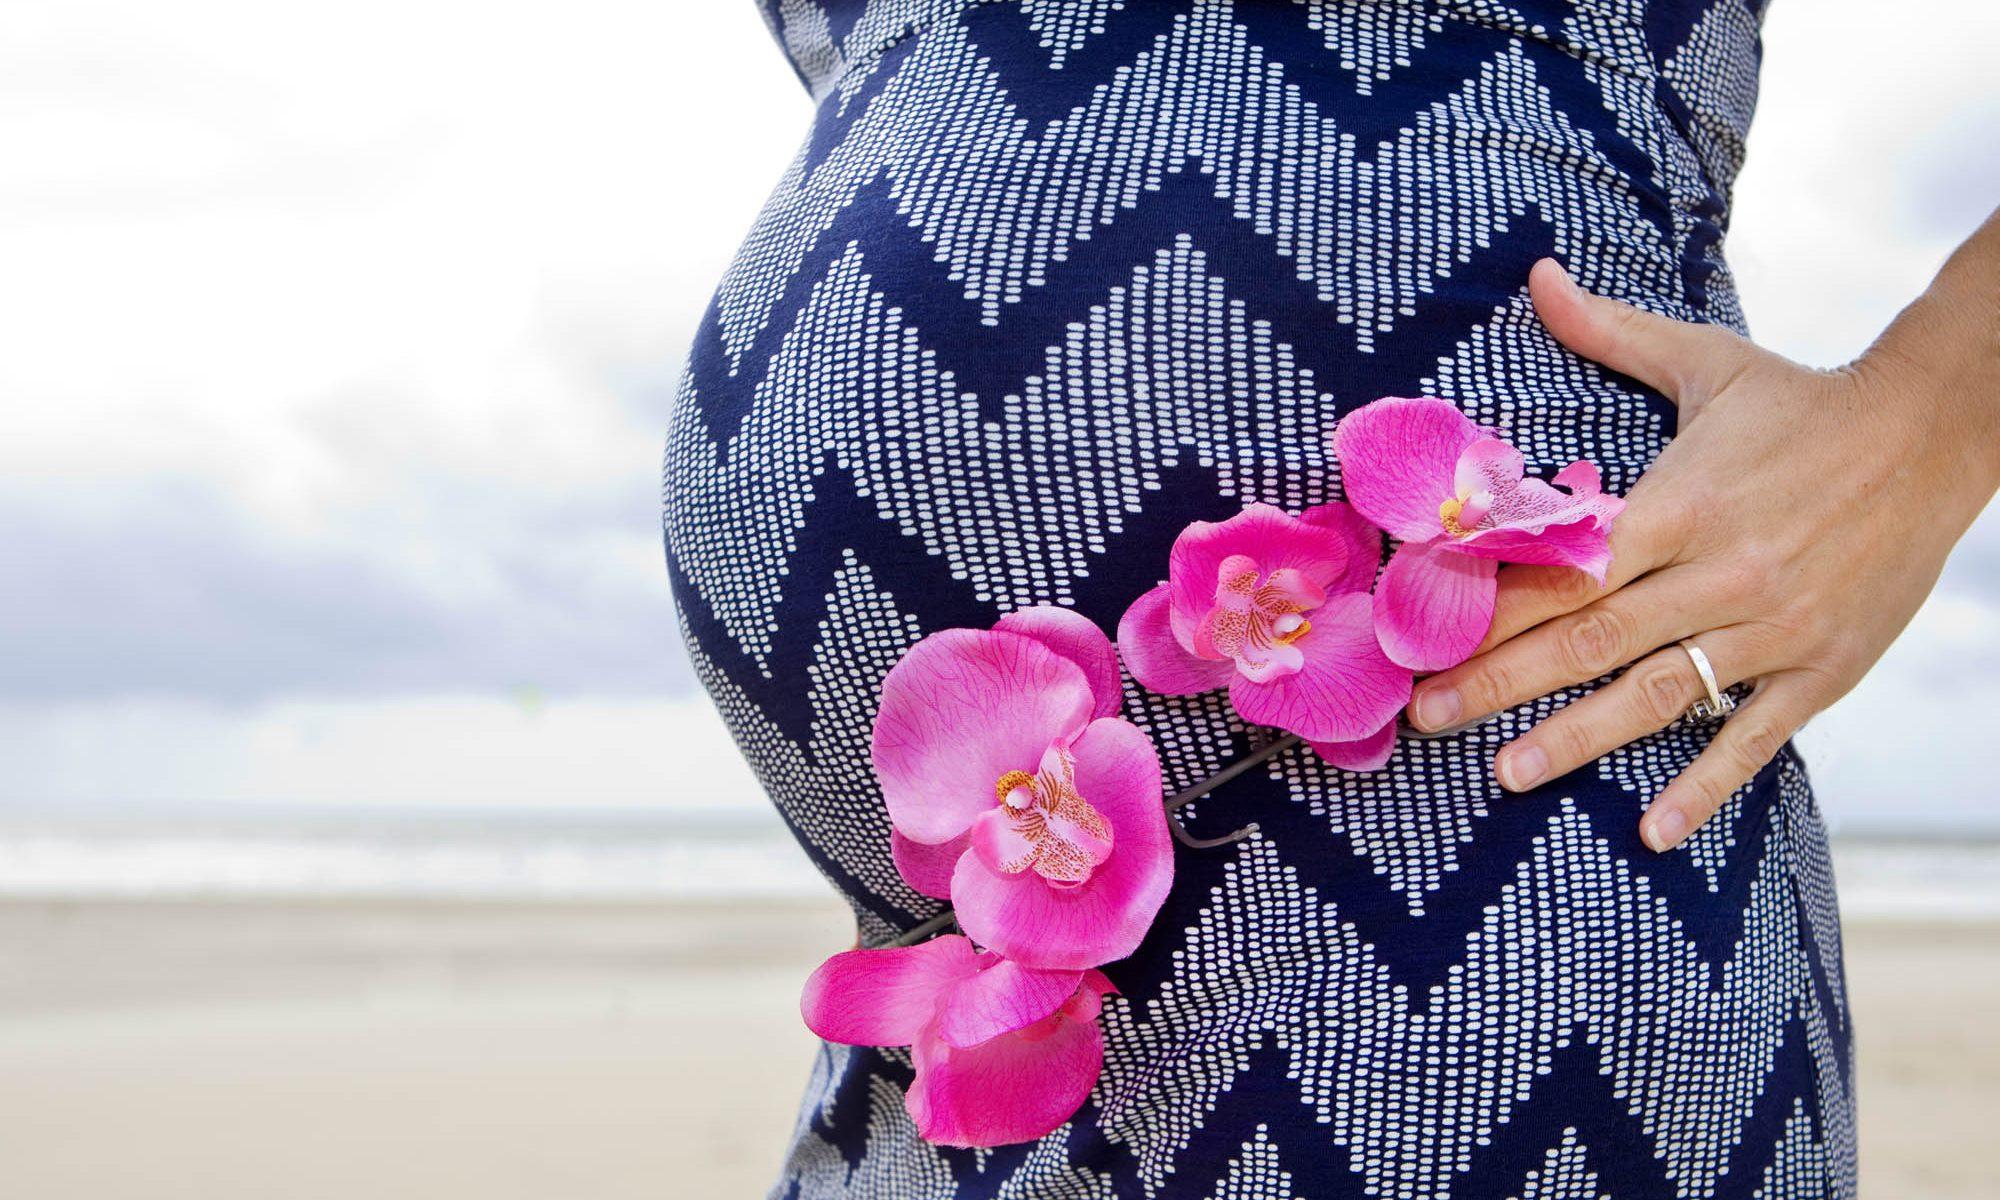 Pregnancy Photo shoot beach